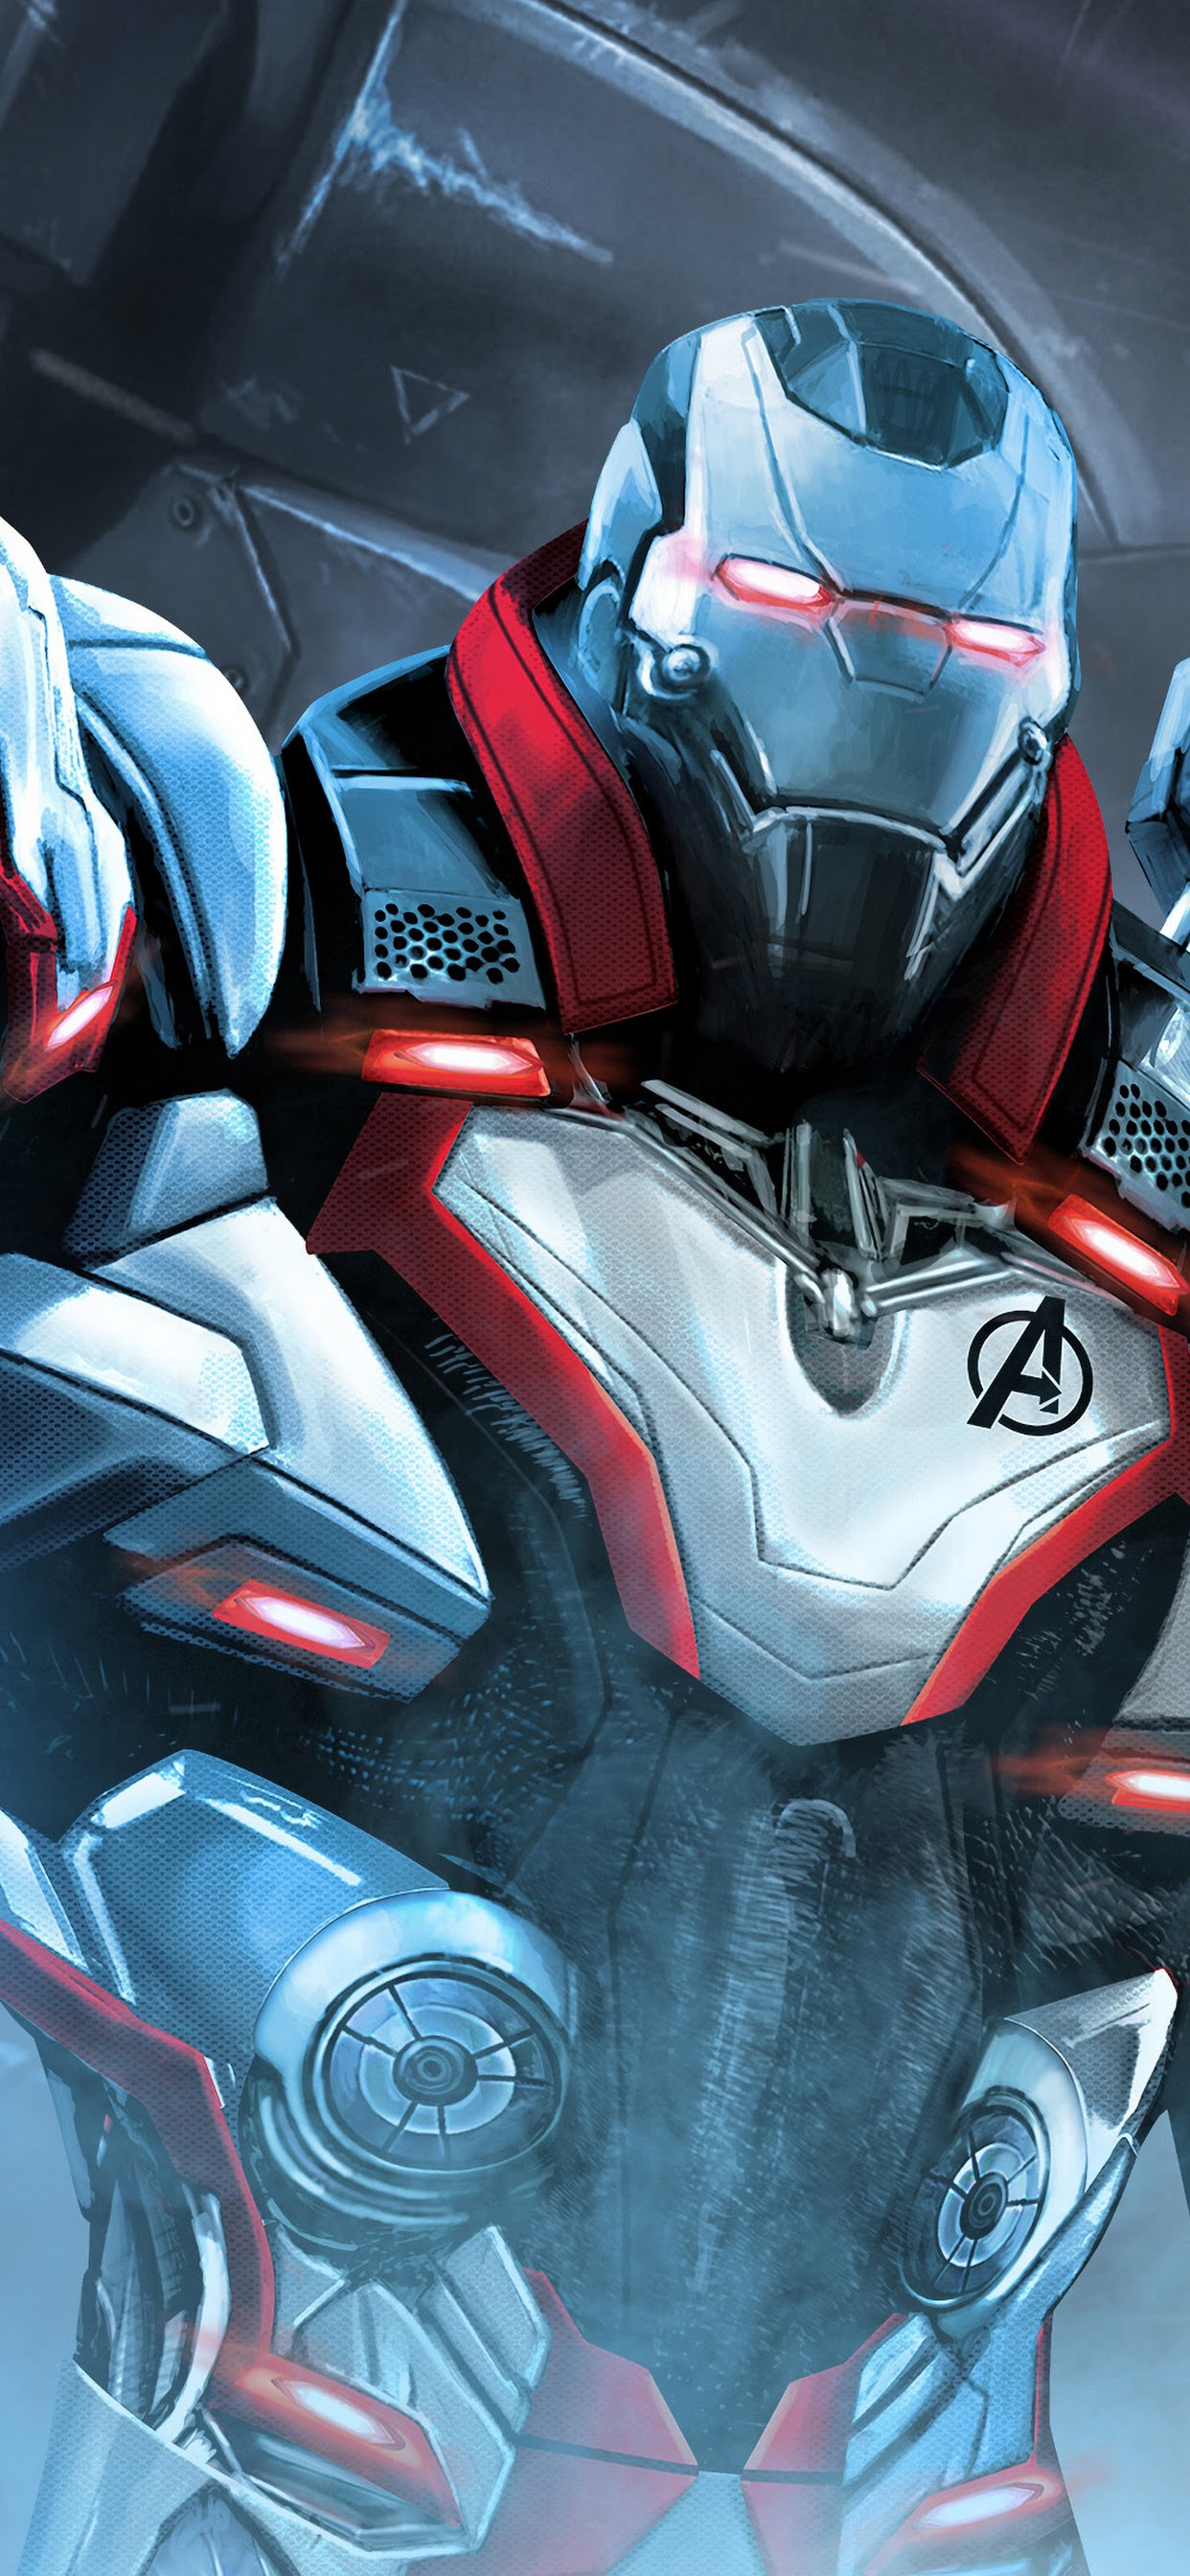 Avengers Endgame War Machine White Suit 4k Wallpaper 14